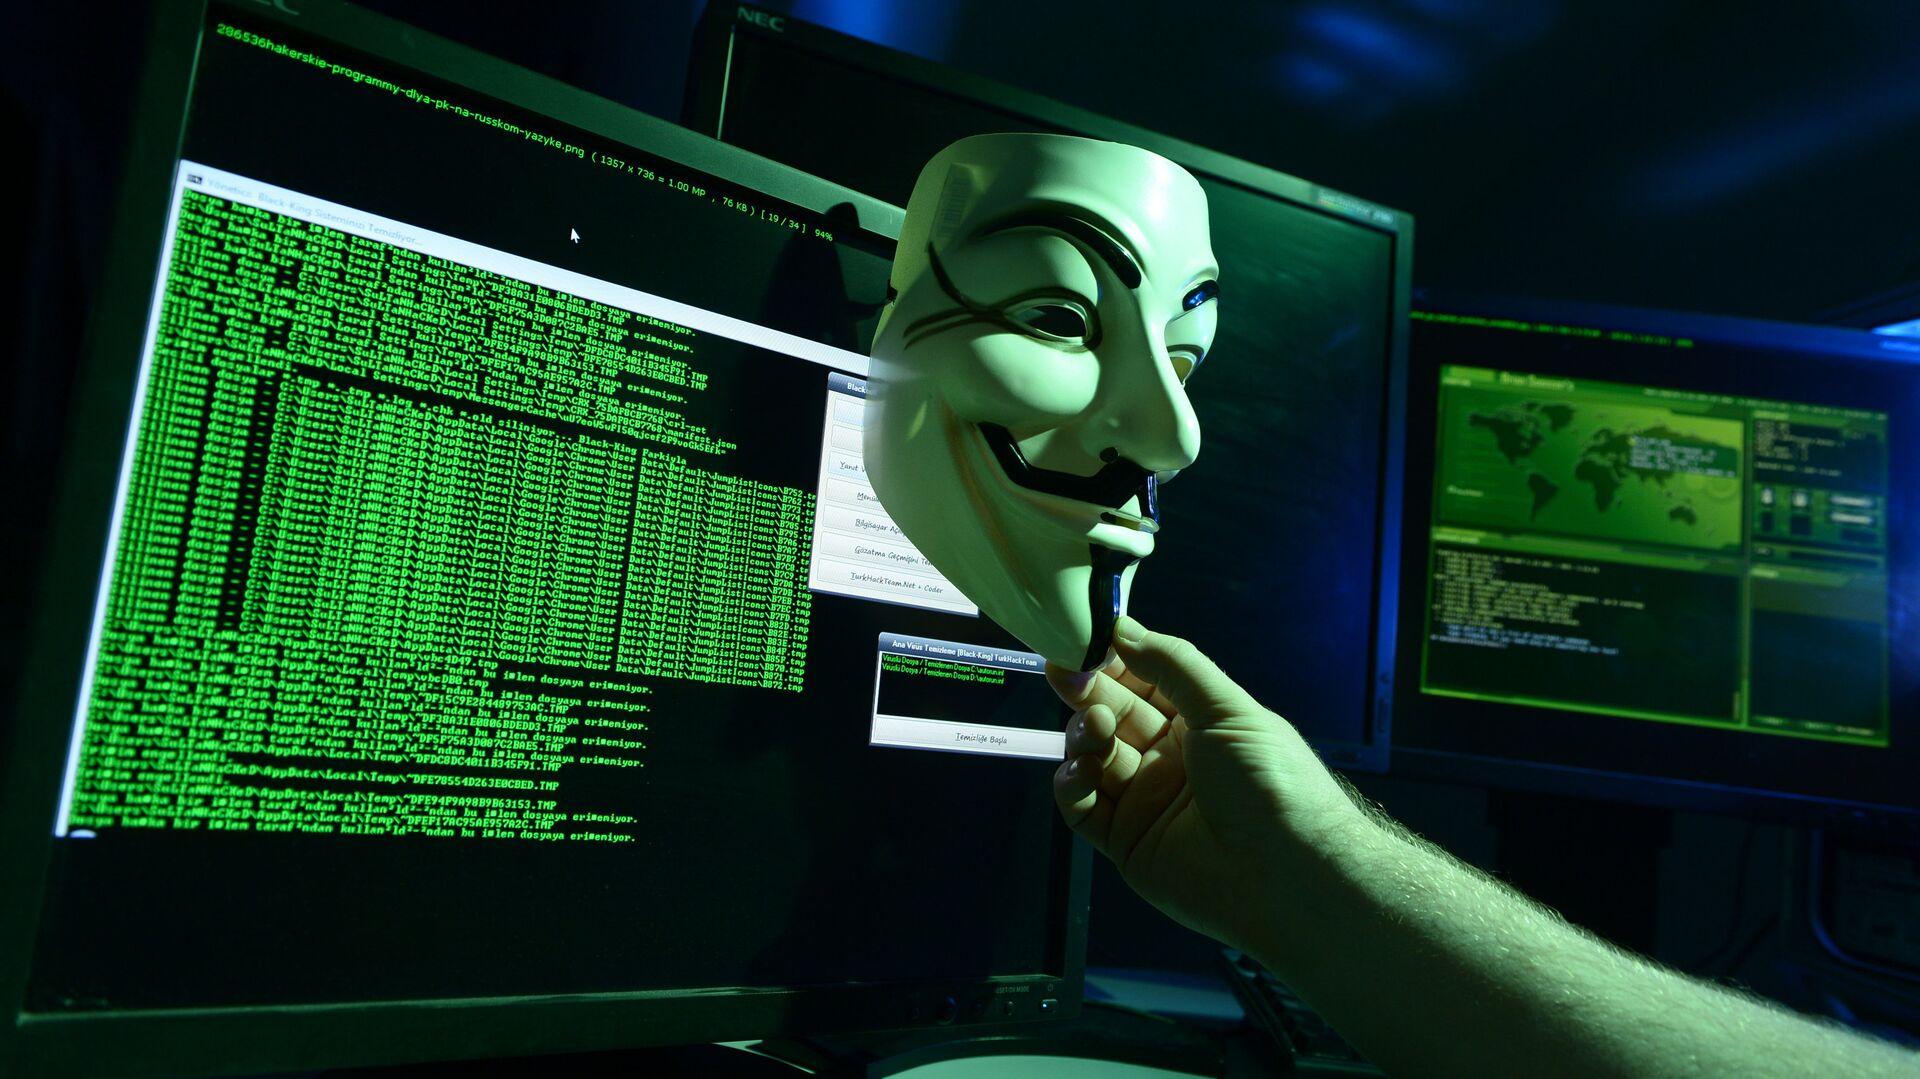 Вирус-вымогатель атаковал IT-системы компаний в разных странах - РИА Новости, 1920, 21.05.2021